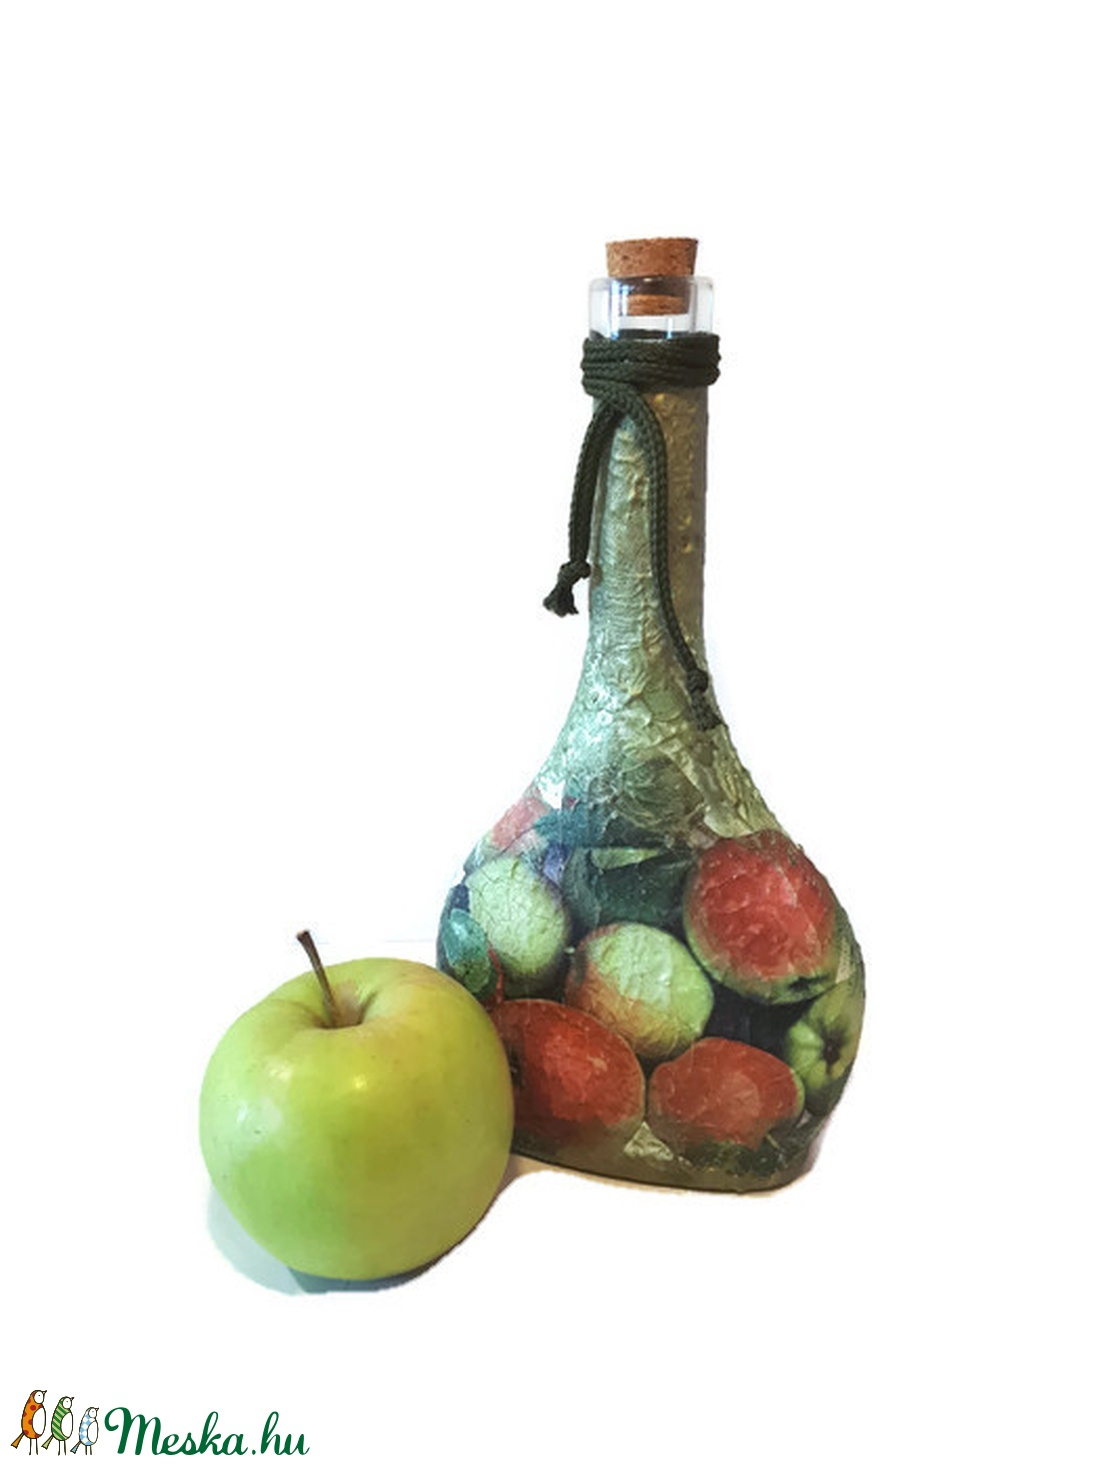 italos képek szülinapra Almás italos díszüveg pálinka, szörp, üdítő tárolására  italos képek szülinapra